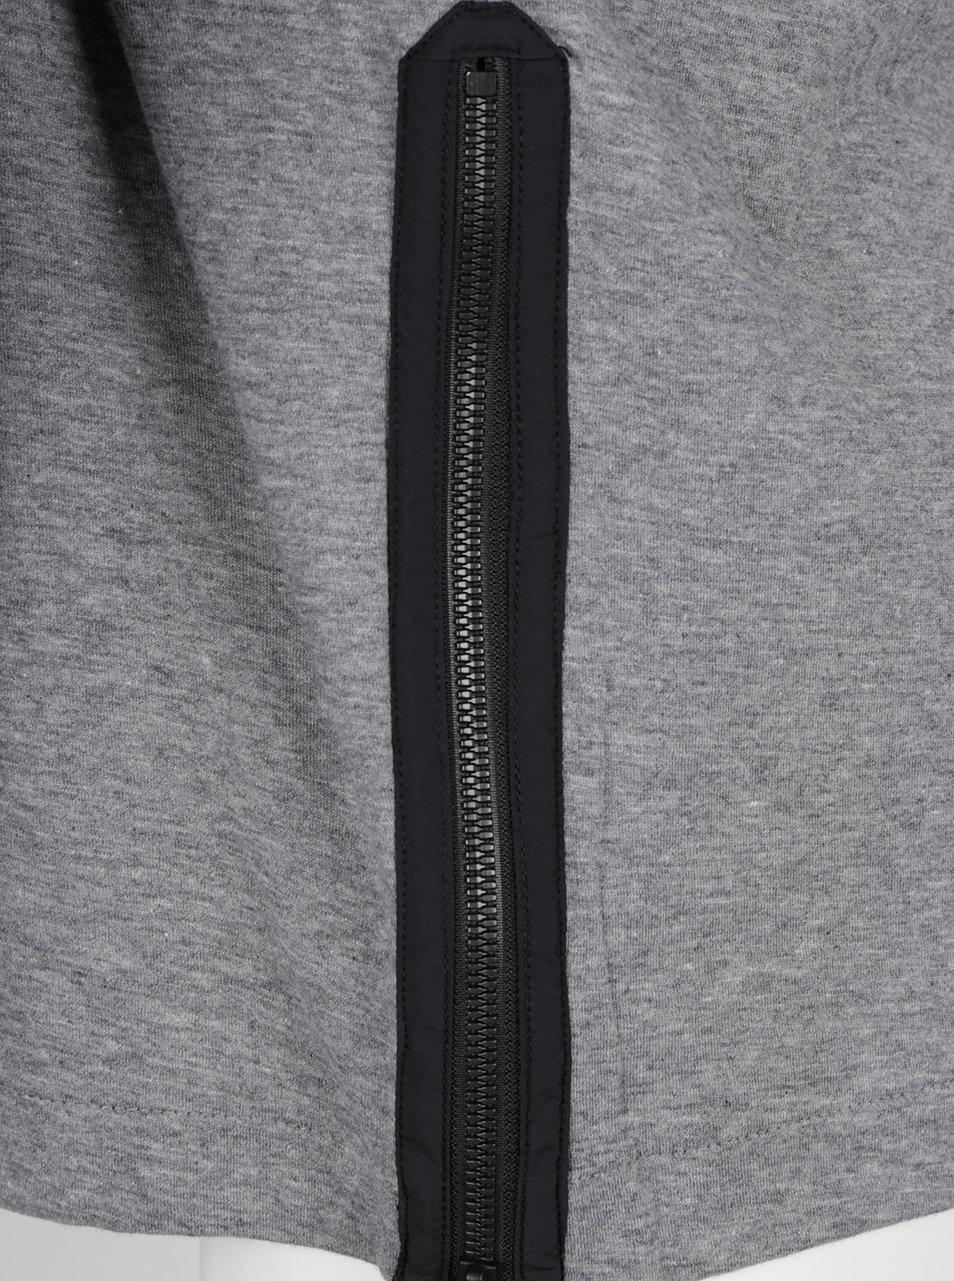 Sivá pánska mikina so zipsom na ľavom boku Nike Modern ... a9e723f7a63